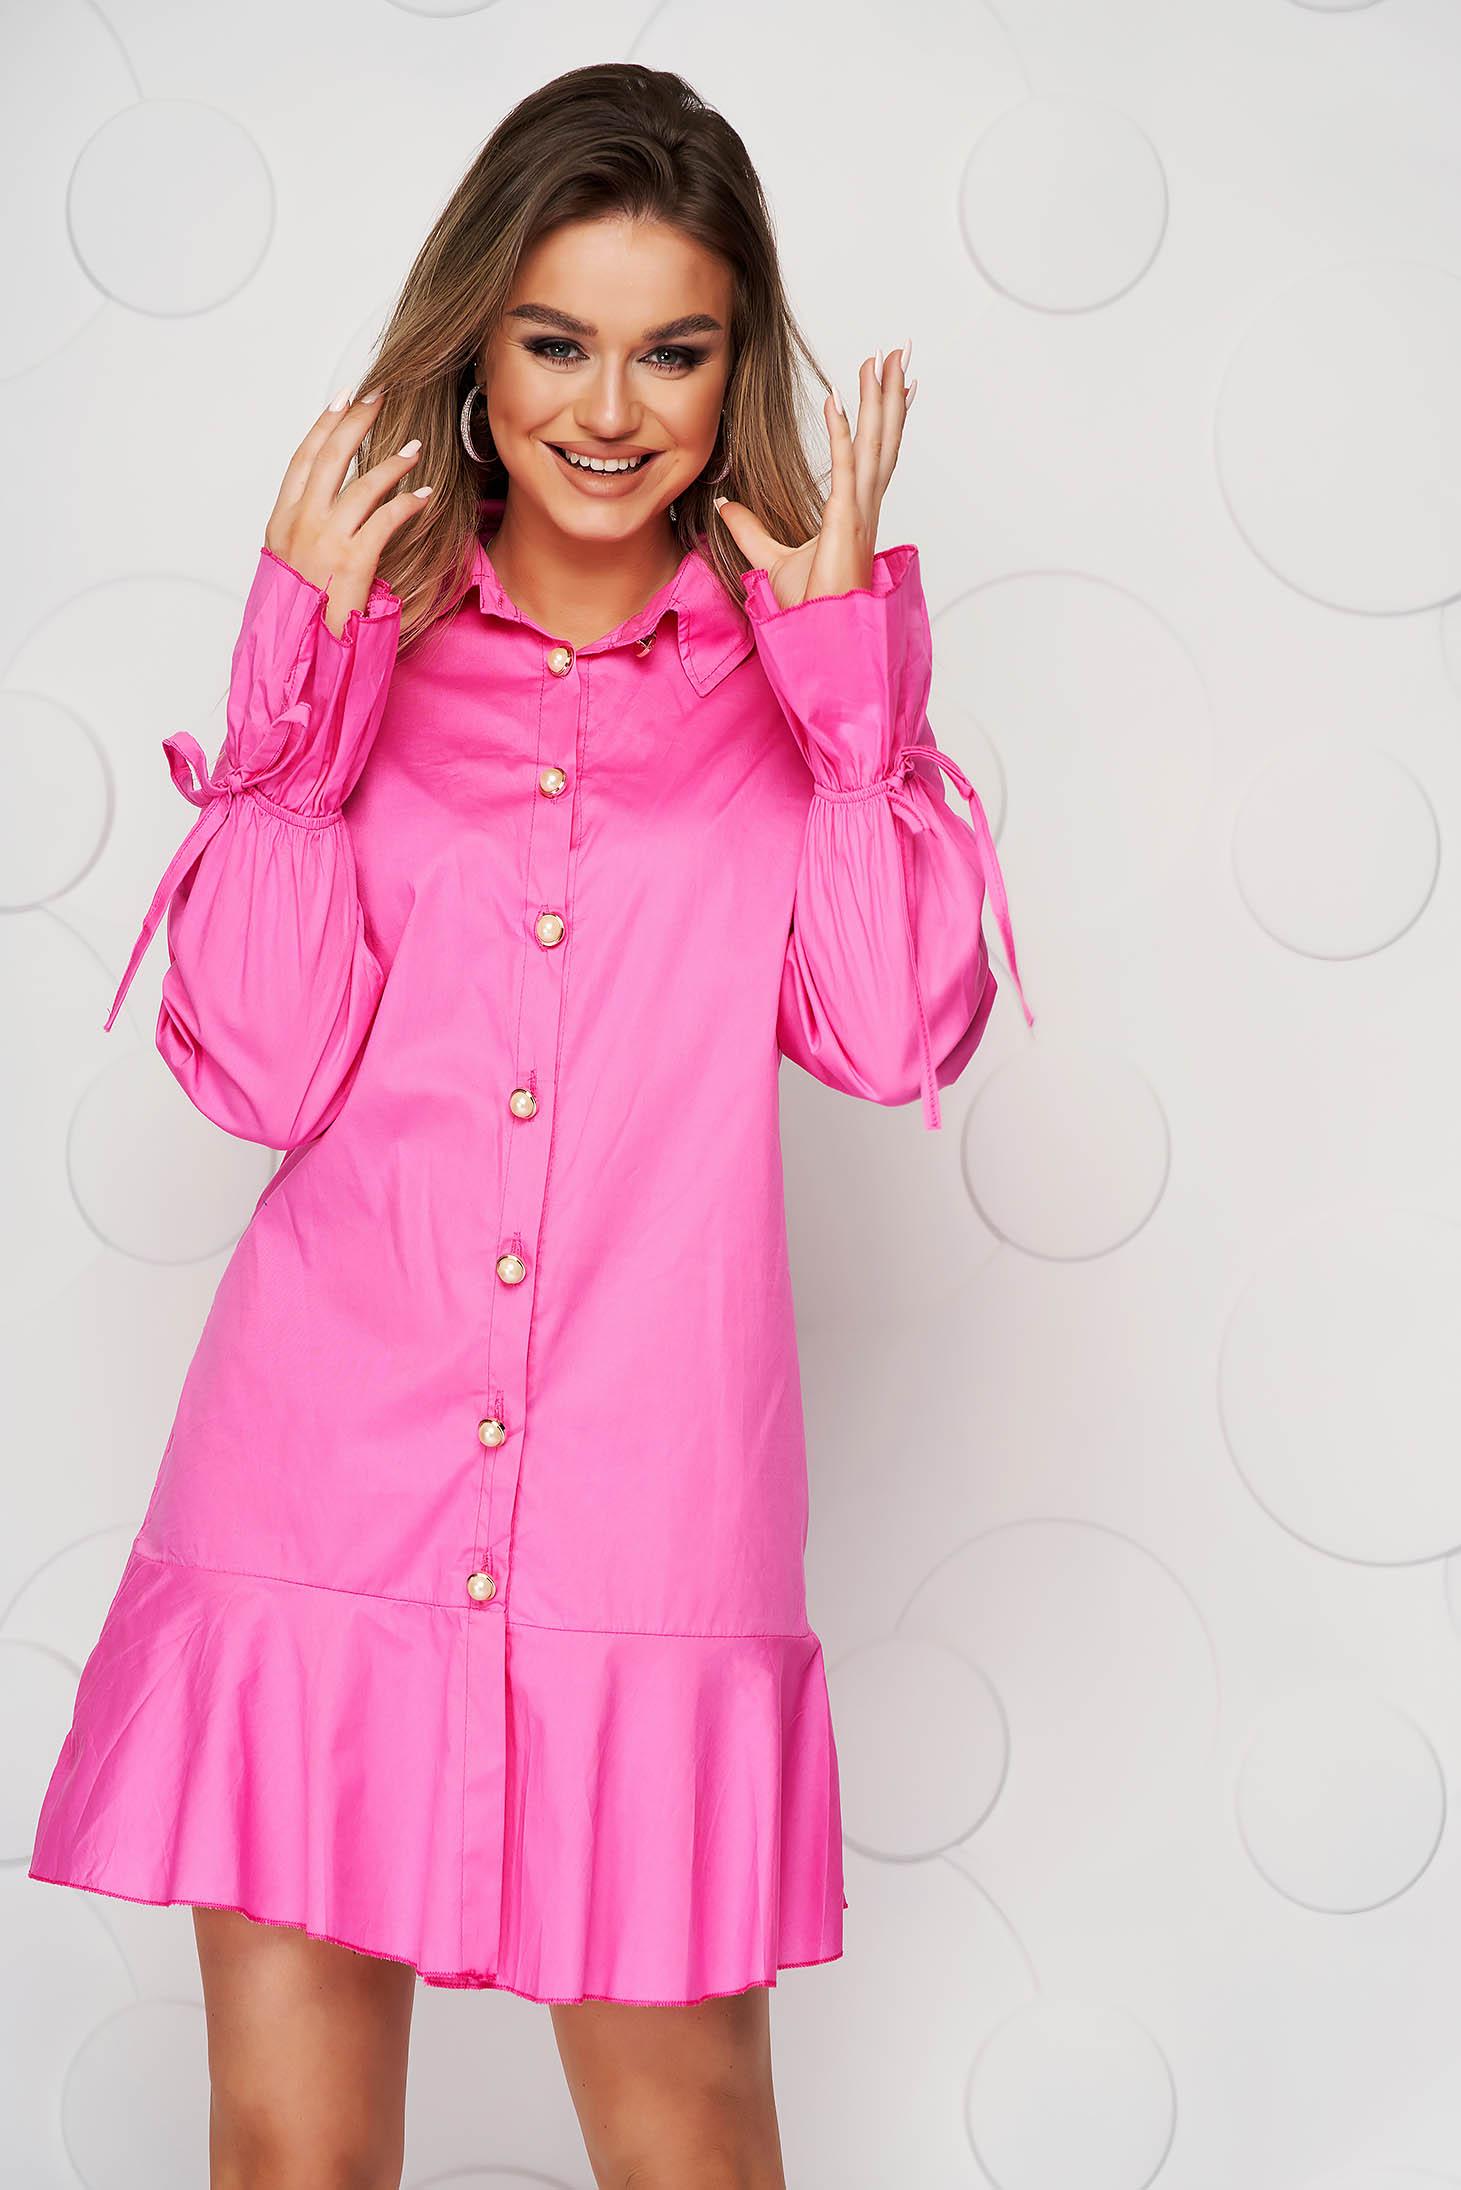 Rochie SunShine tip camasa roz din material subtire accesorizata cu fundite cu croi larg midi